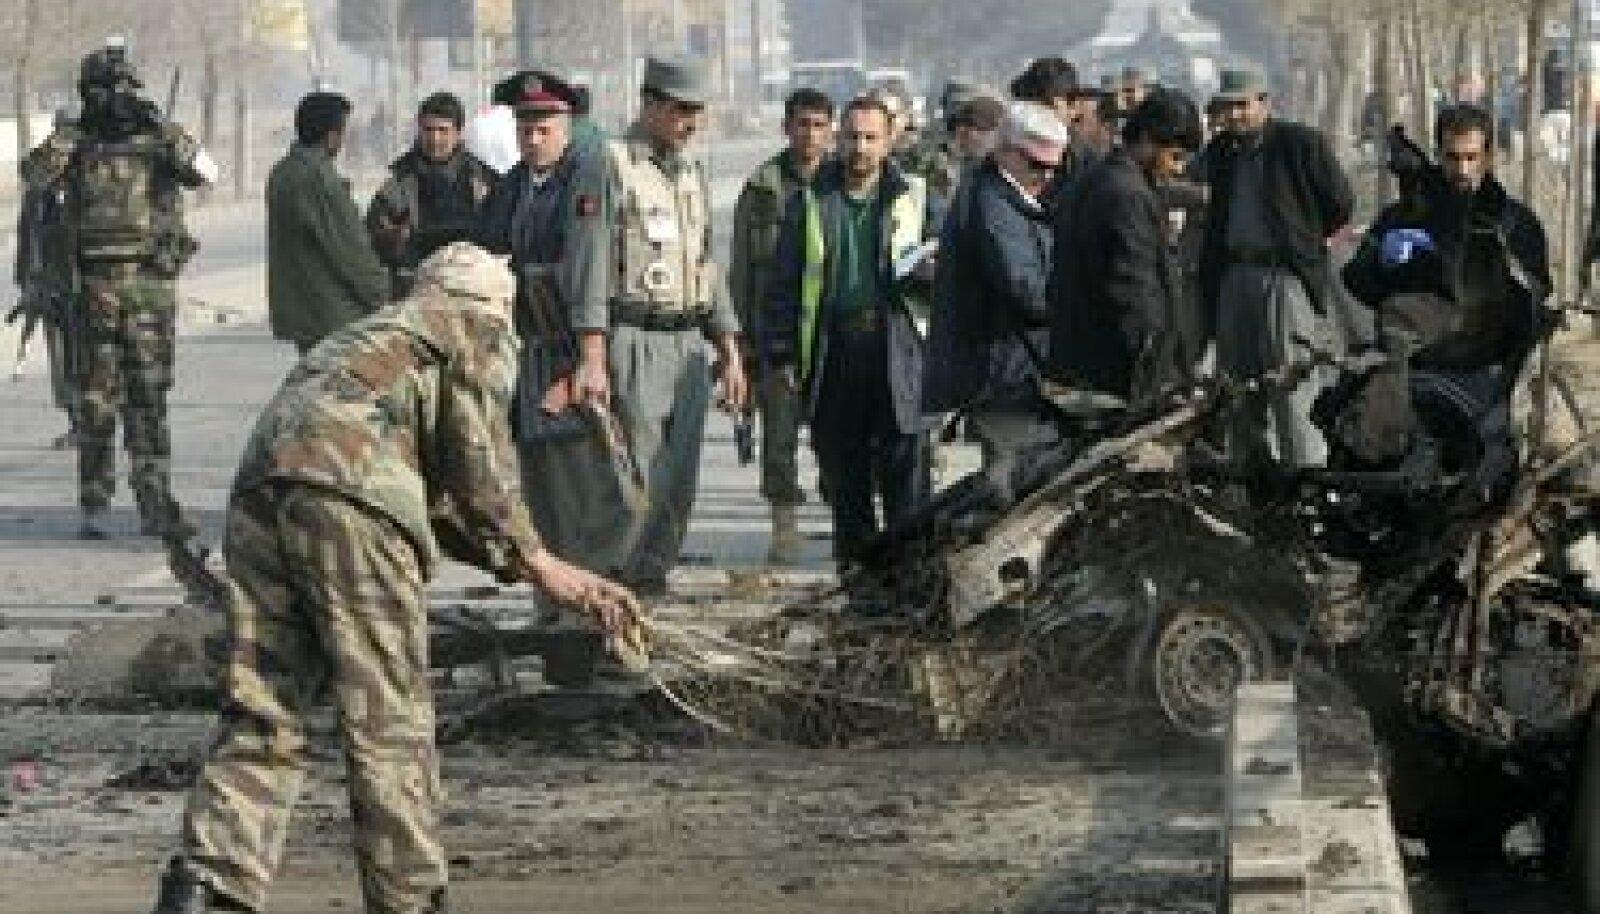 Kabulis toimunud enesetaputerroristi auto jäänused